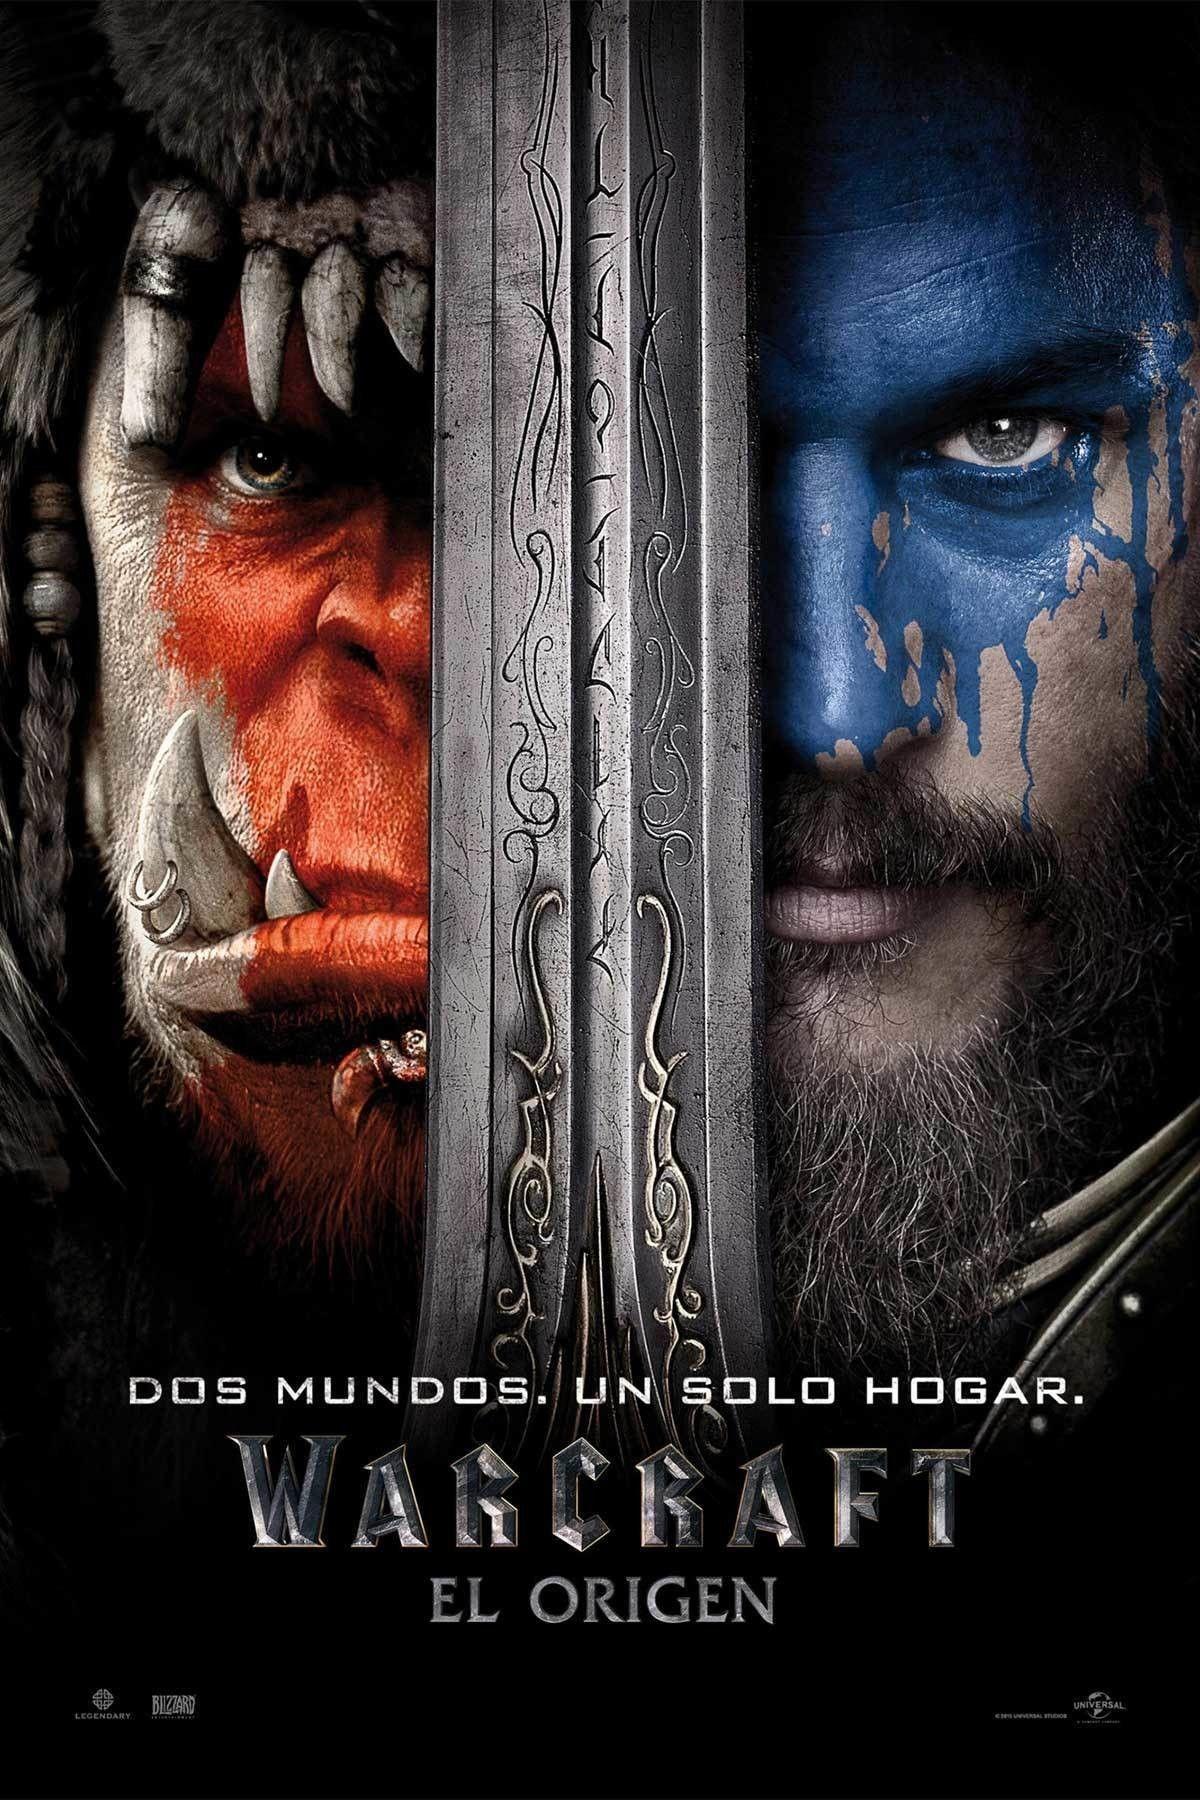 Warcraft El Origen 2016 Ver Peliculas Online Gratis Ver Warcraft El Origen Online Gratis Warcraft Warcraft Film World Of Warcraft Movie Warcraft Movie